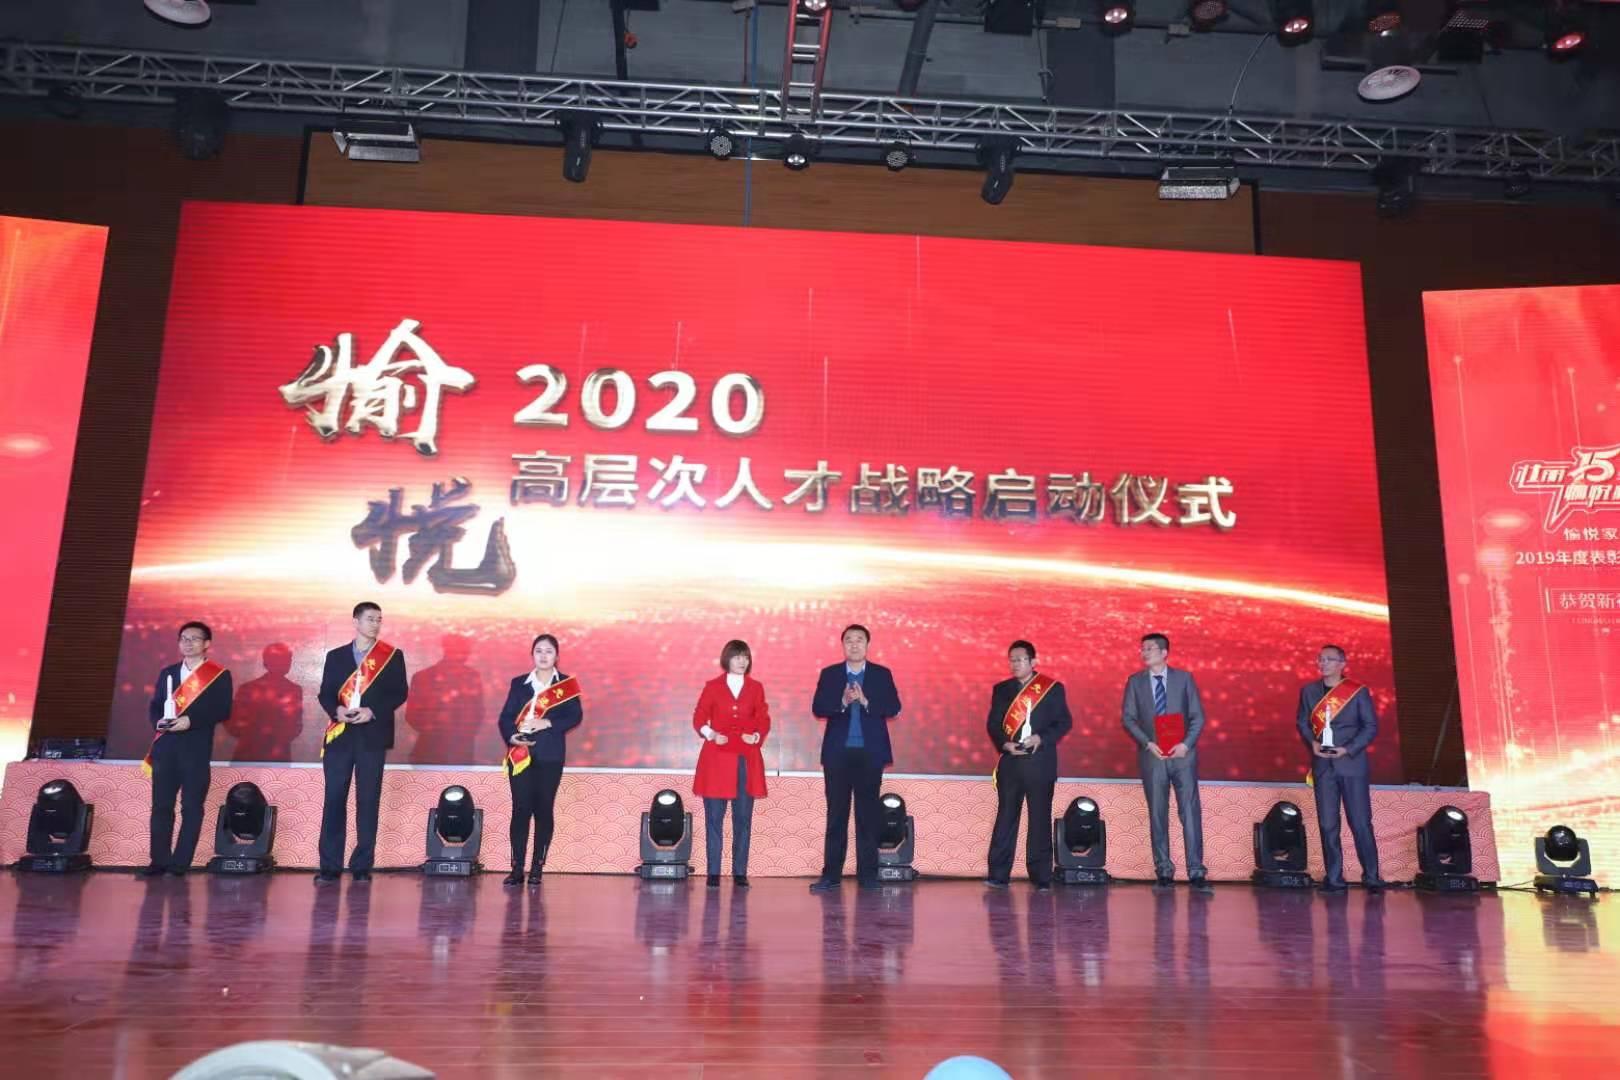 壮丽十五载愉悦新辉煌--愉悦家纺隆重举行2019年度表彰暨2020年迎新大会